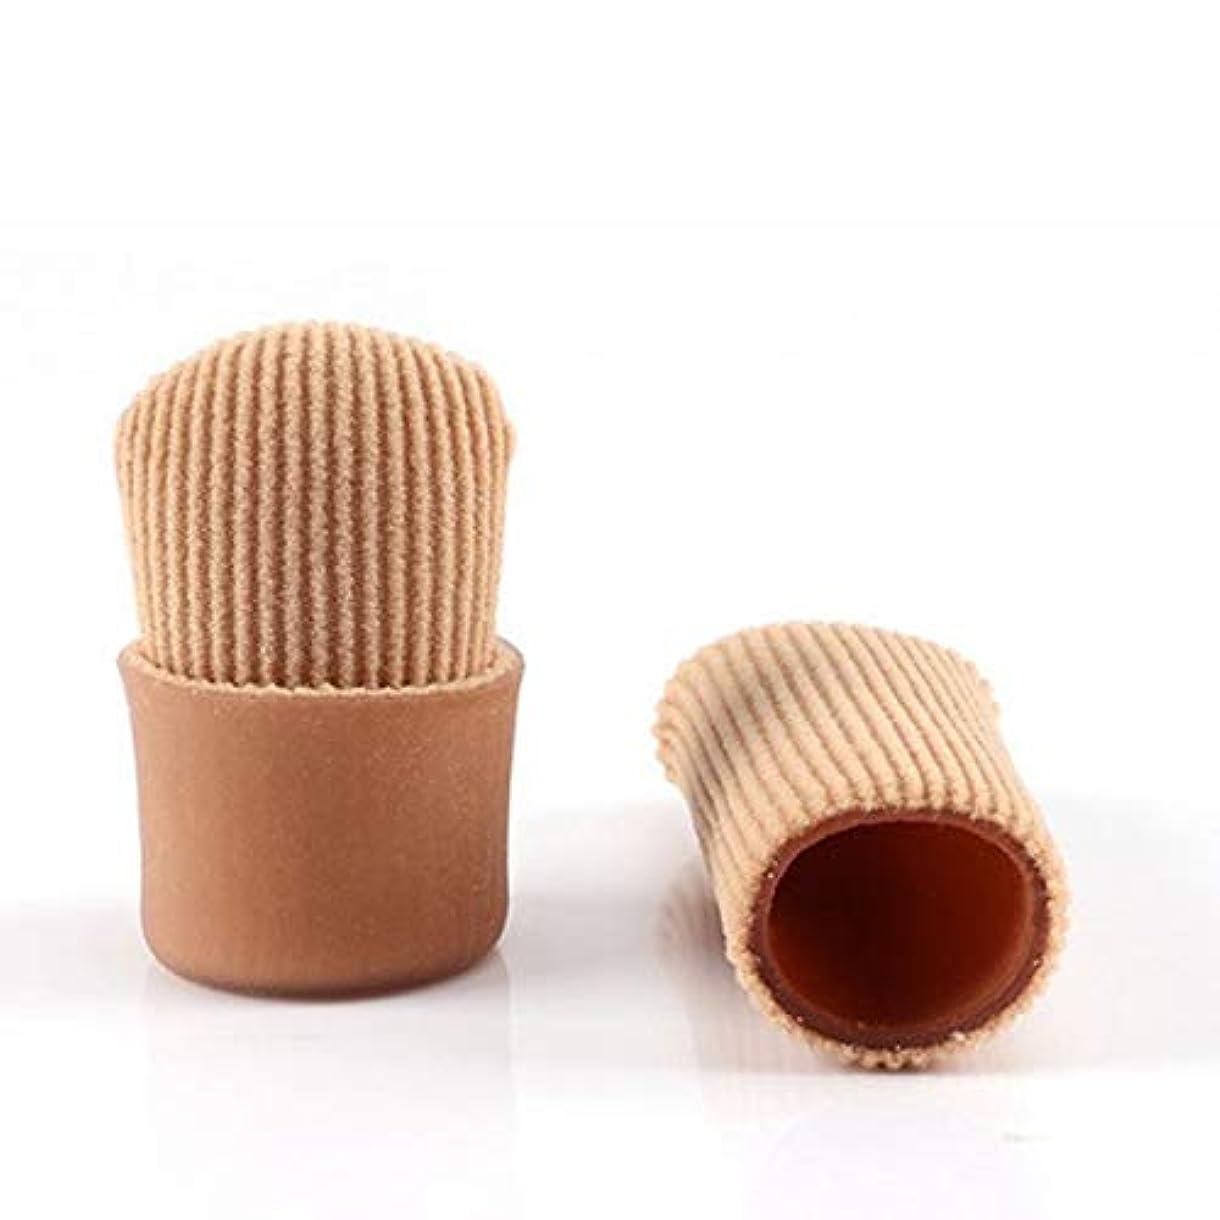 任命ファブリック学校の先生Open Toe Tubes Gel Lined Fabric Sleeve Protectors To Prevent Corns, Calluses And Blisters While Softening And...